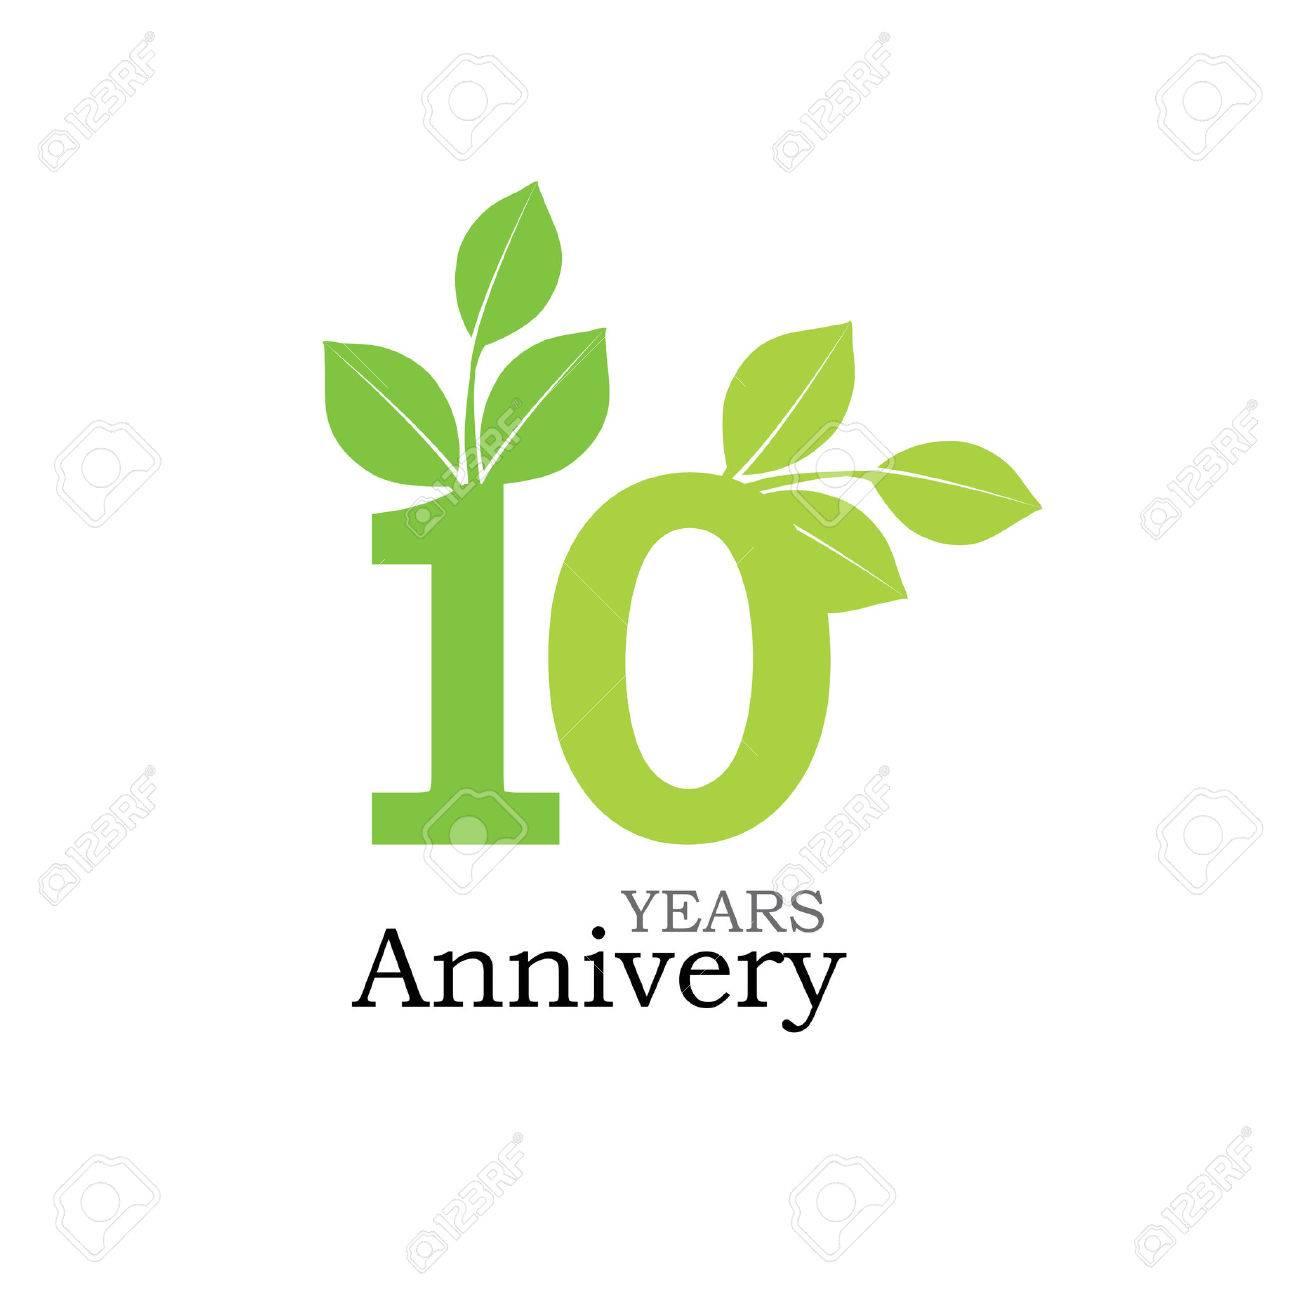 Template logo 10th anniversary 10 years anniversary logo template logo 10th anniversary 10 years anniversary logo celebration 10 years 10 biocorpaavc